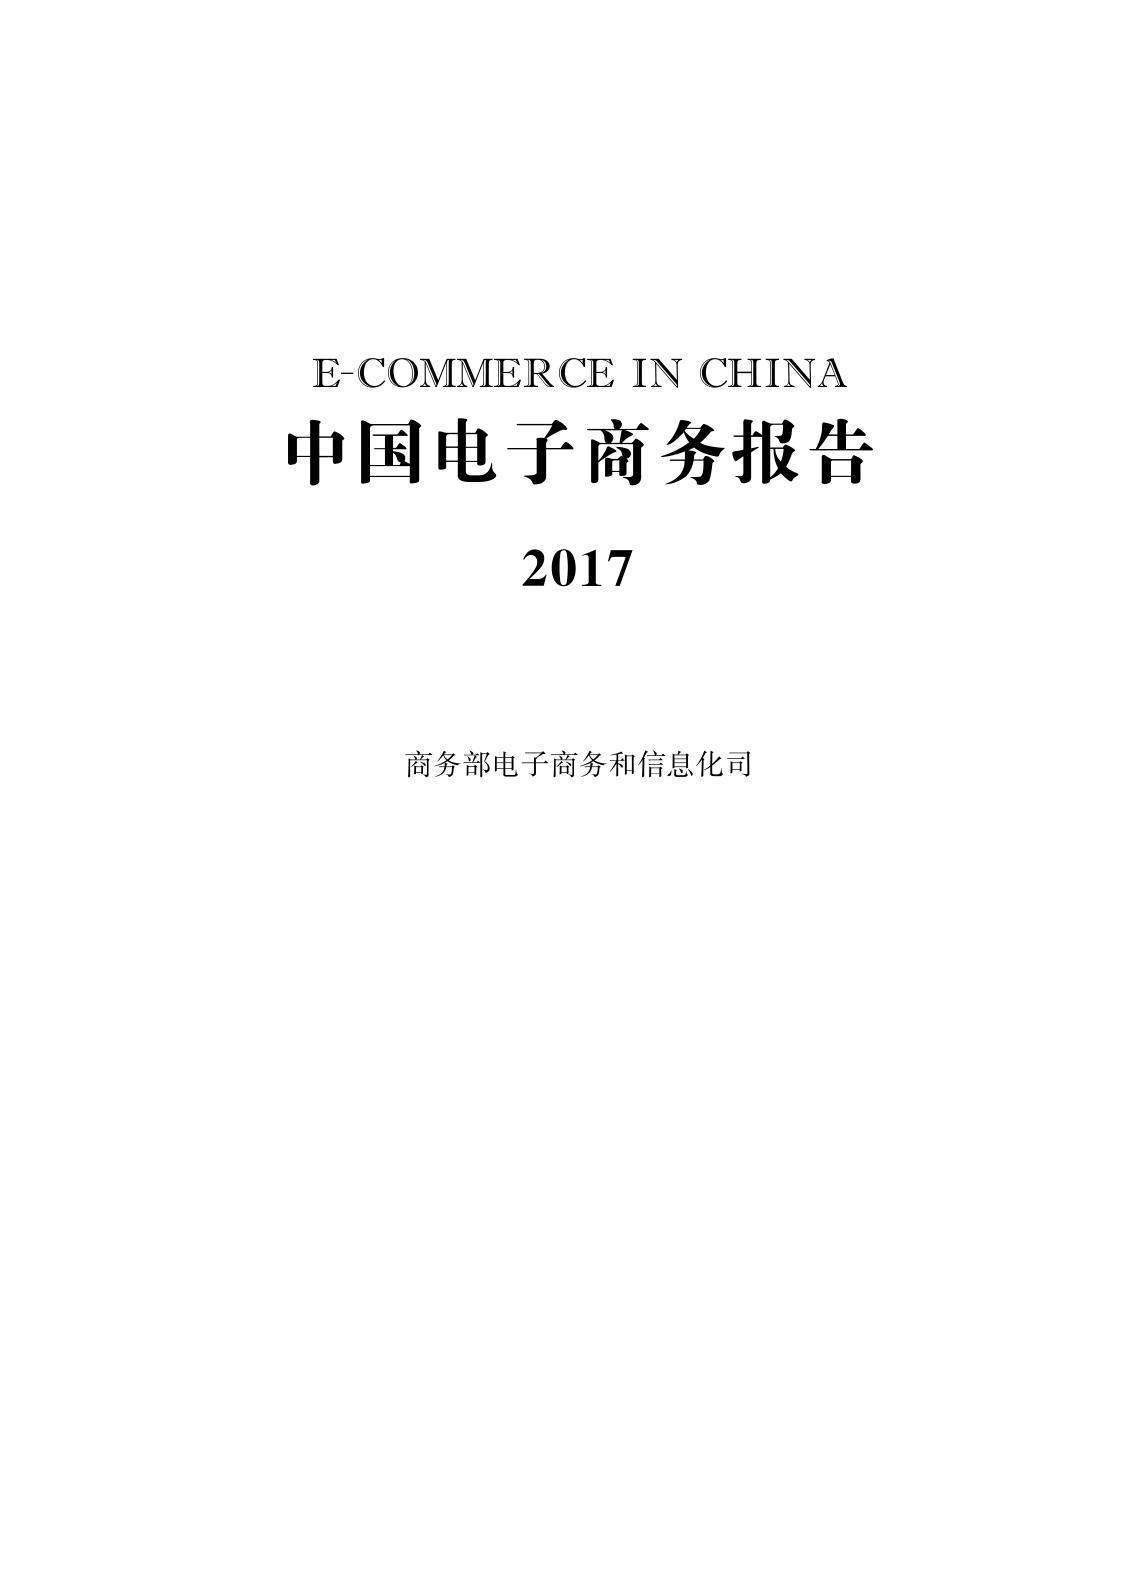 商务部:2017中国电子商务发展报告